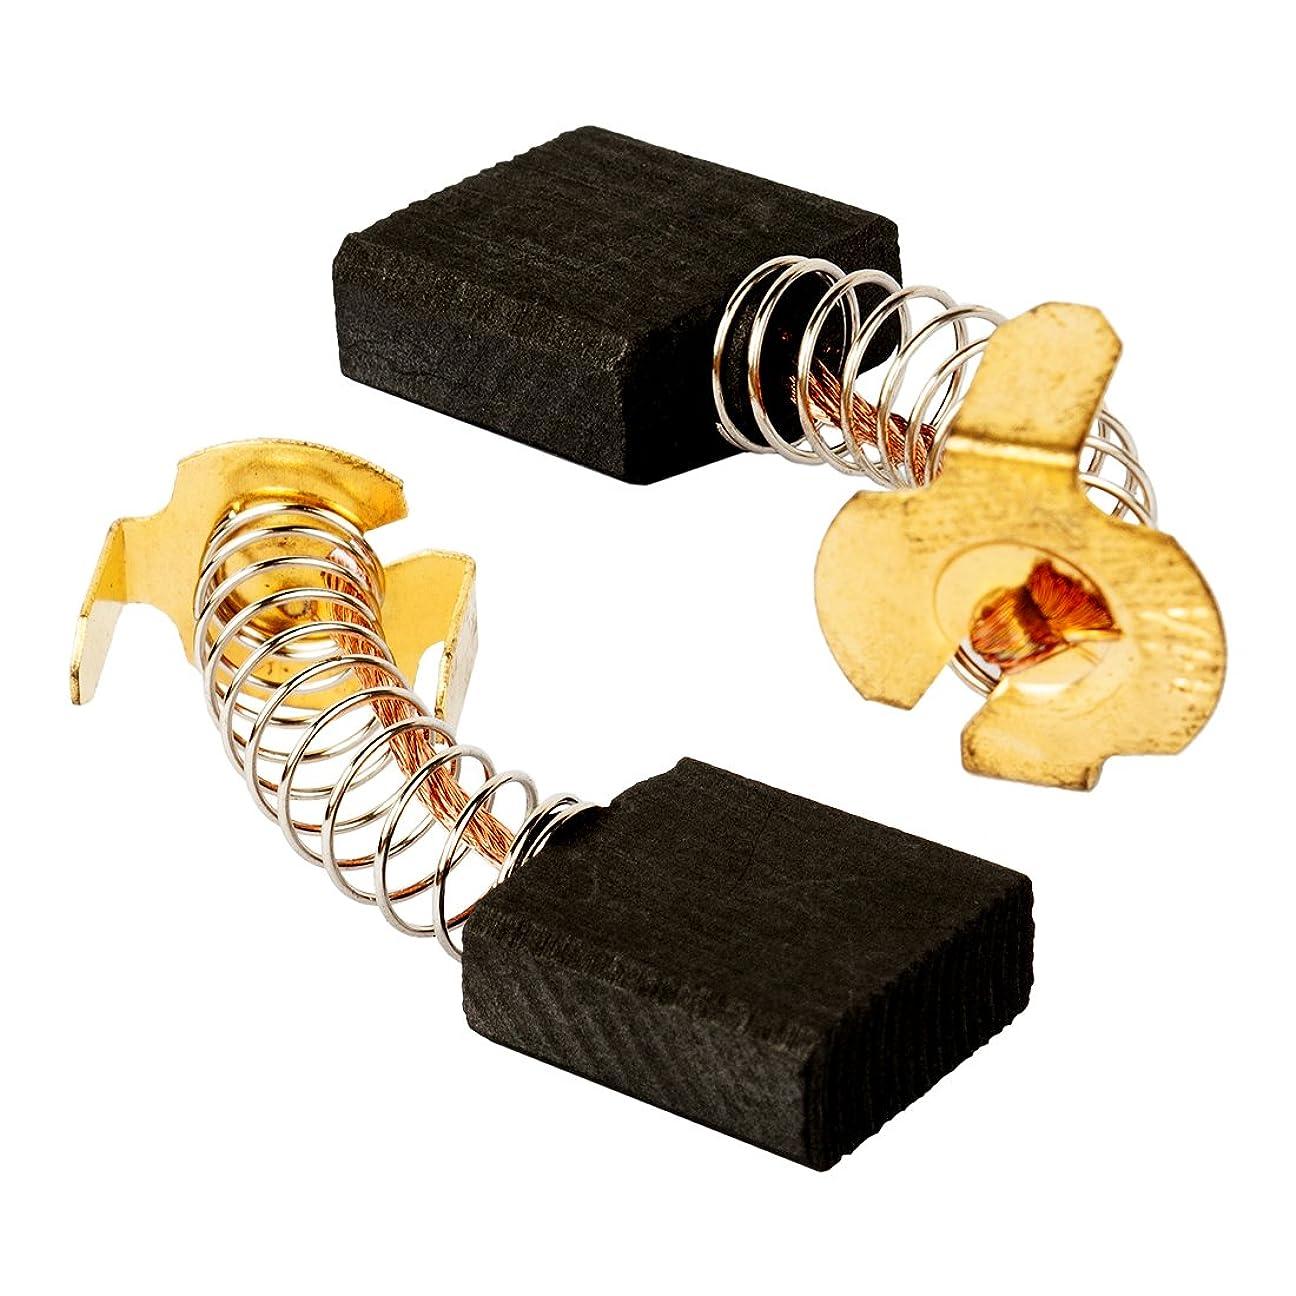 質素な流体ペンダントuxcell カーボンブラシ カーボン 金属材料 汎用電動機 修理部品 18mm x 17mm x 7mm 1ペア